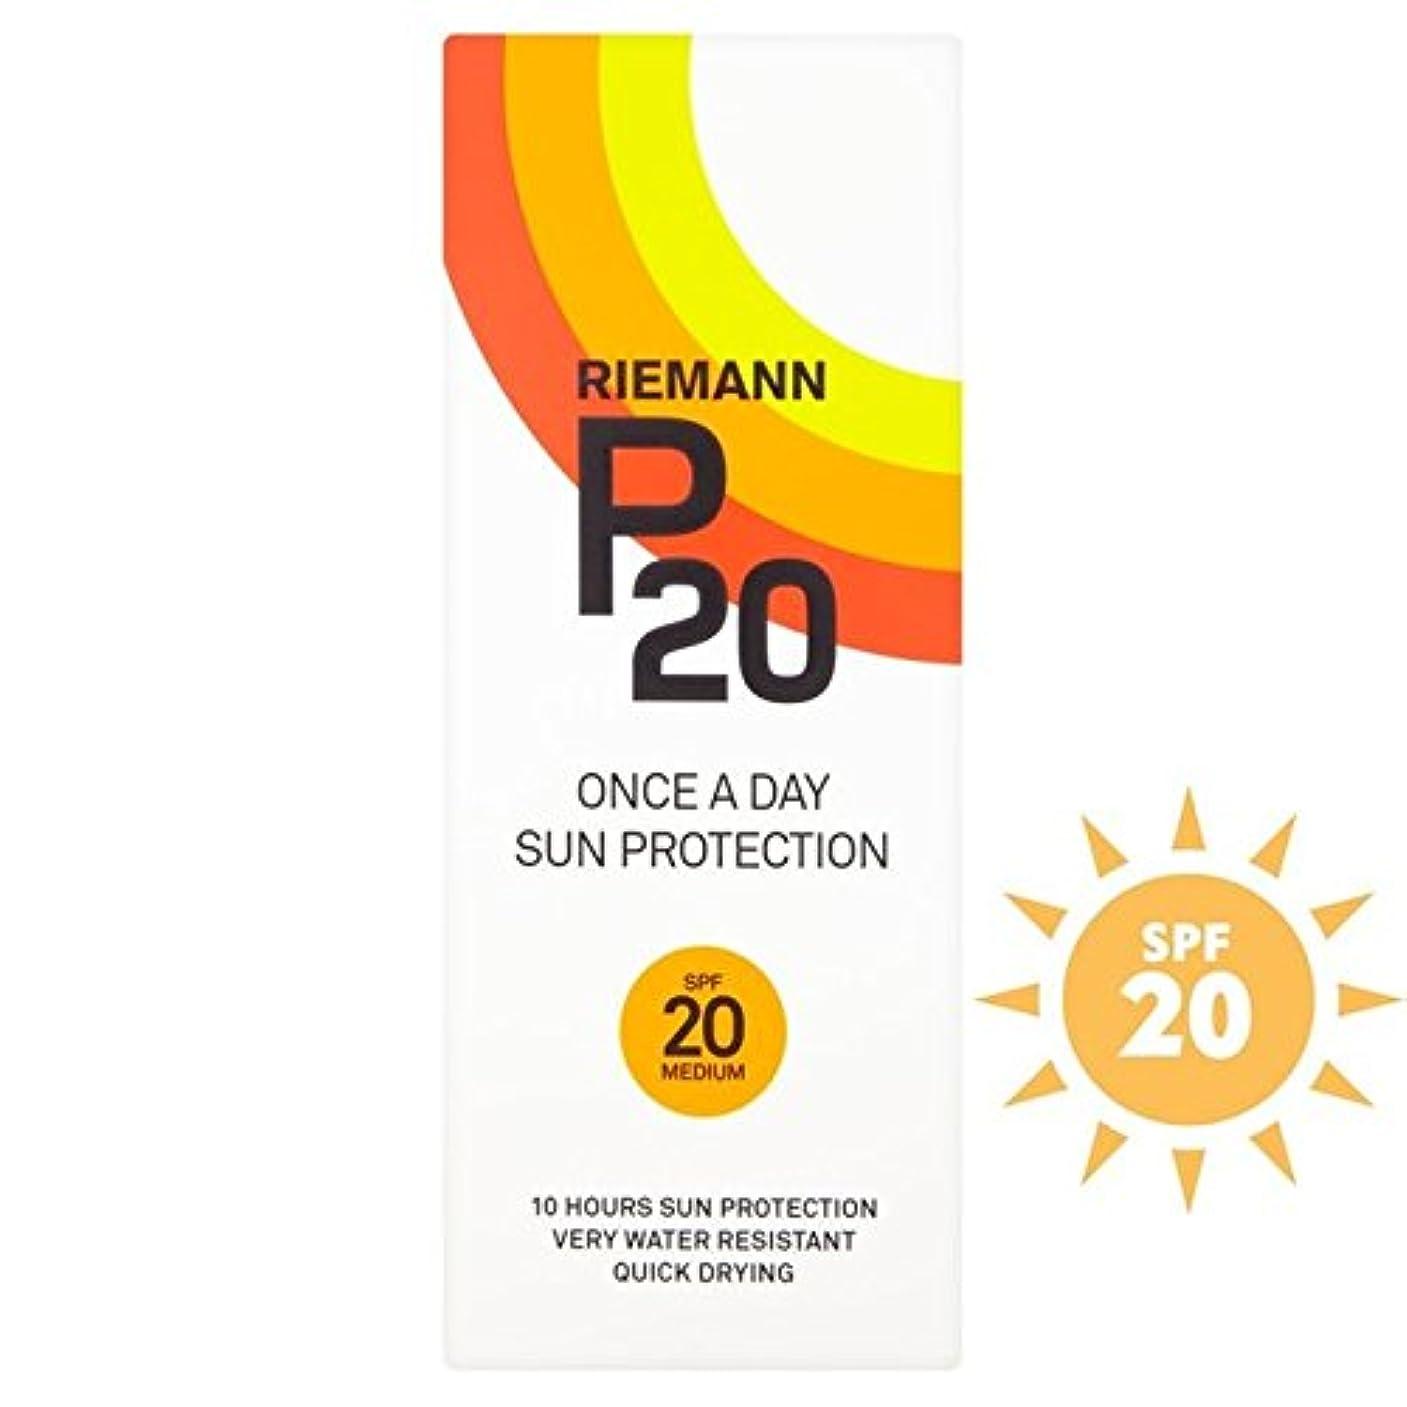 小石石炭メイドRiemann P20 SPF20 1 Day/10 Hour Protection 200ml - リーマン20 20 1日/ 10時間の保護200ミリリットル [並行輸入品]